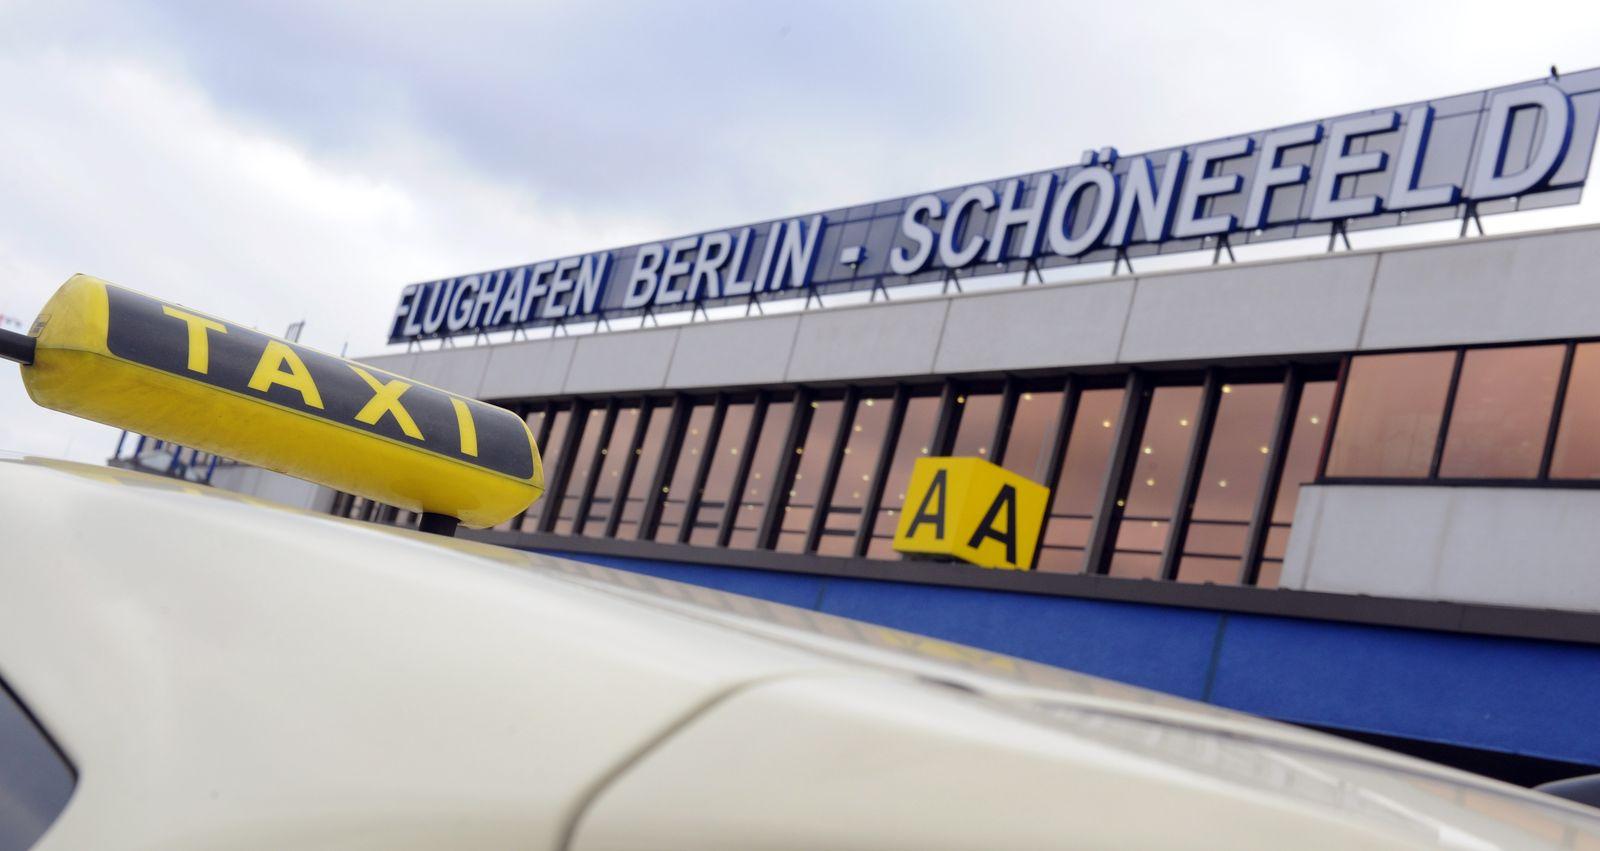 Taxifahrten zum neuen Berliner Flughafen